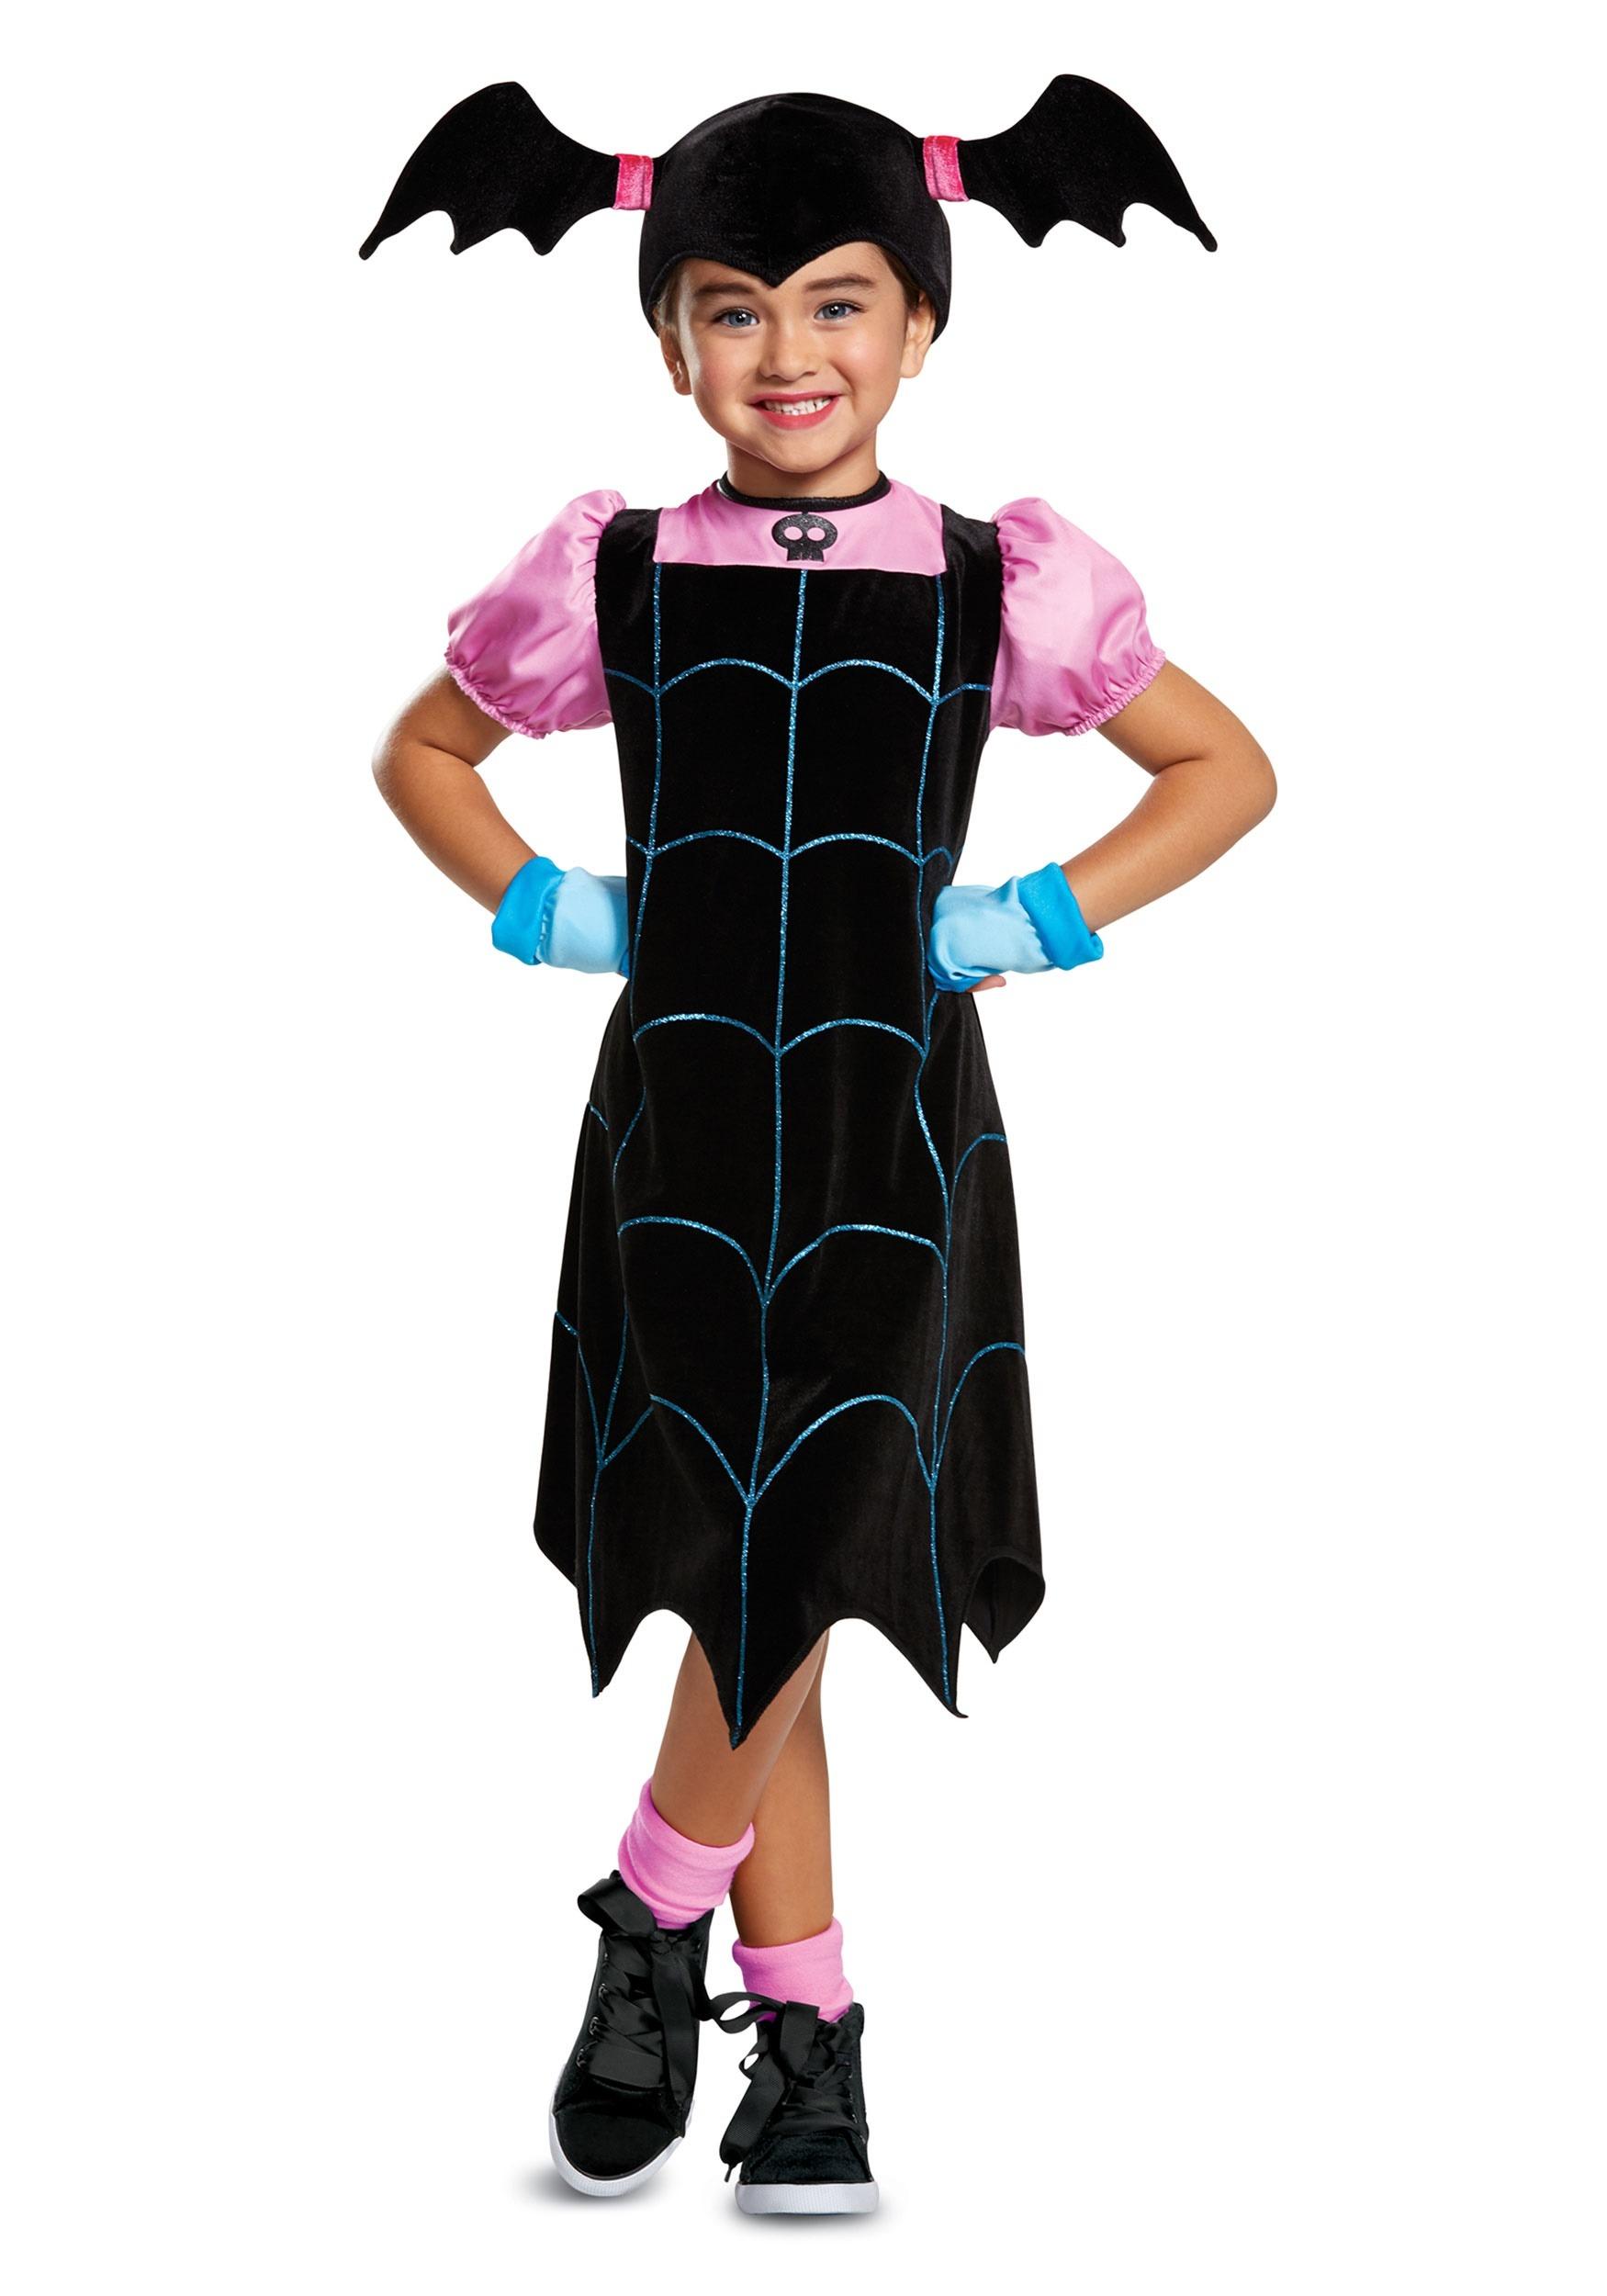 Disney Vampirina Classic Costume for Girls